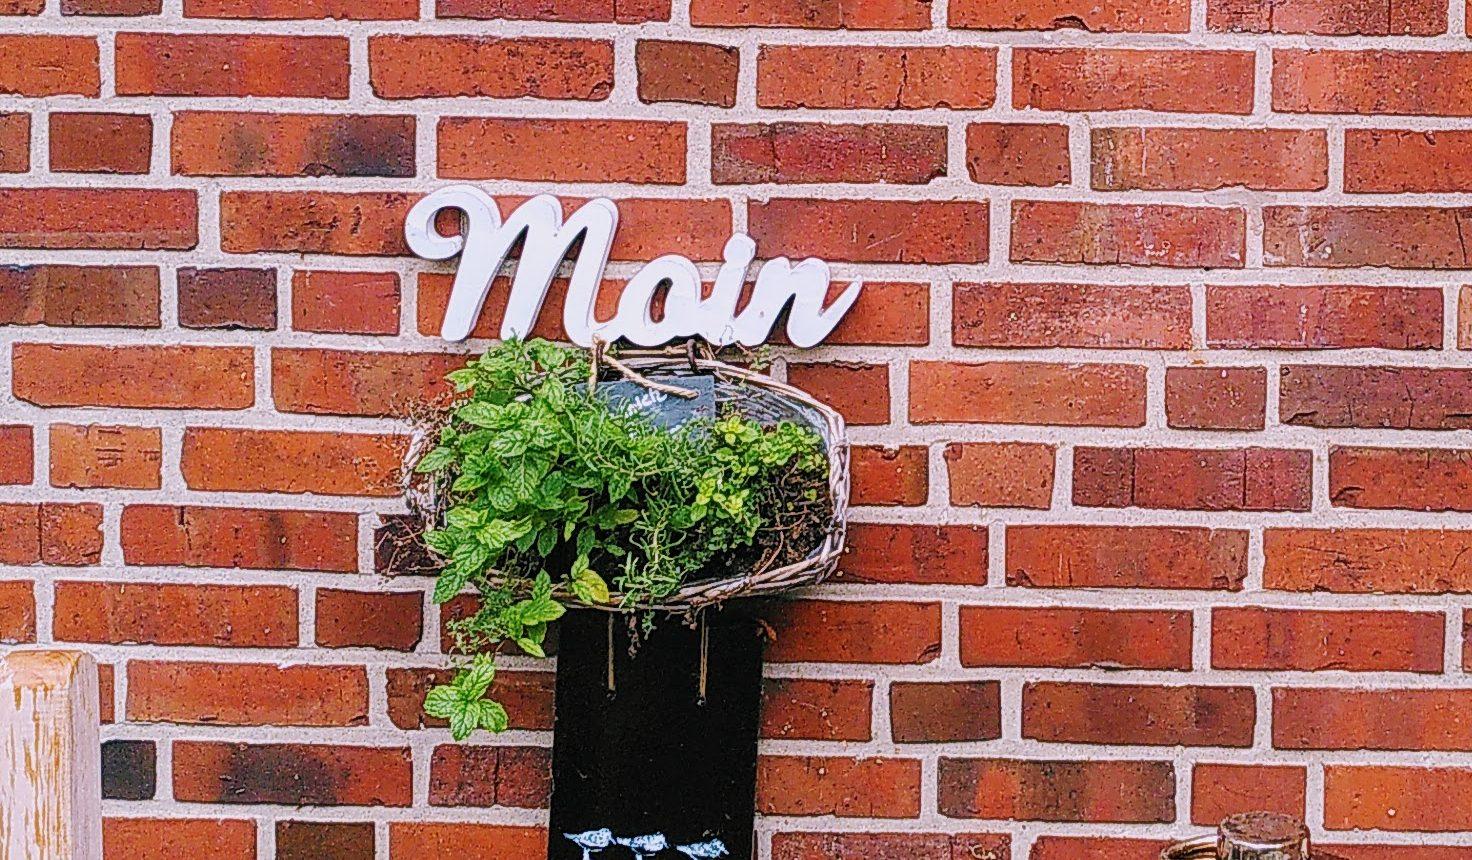 Moin-Schild an roter Ziegelmauer mit grünem Pflanzentopf